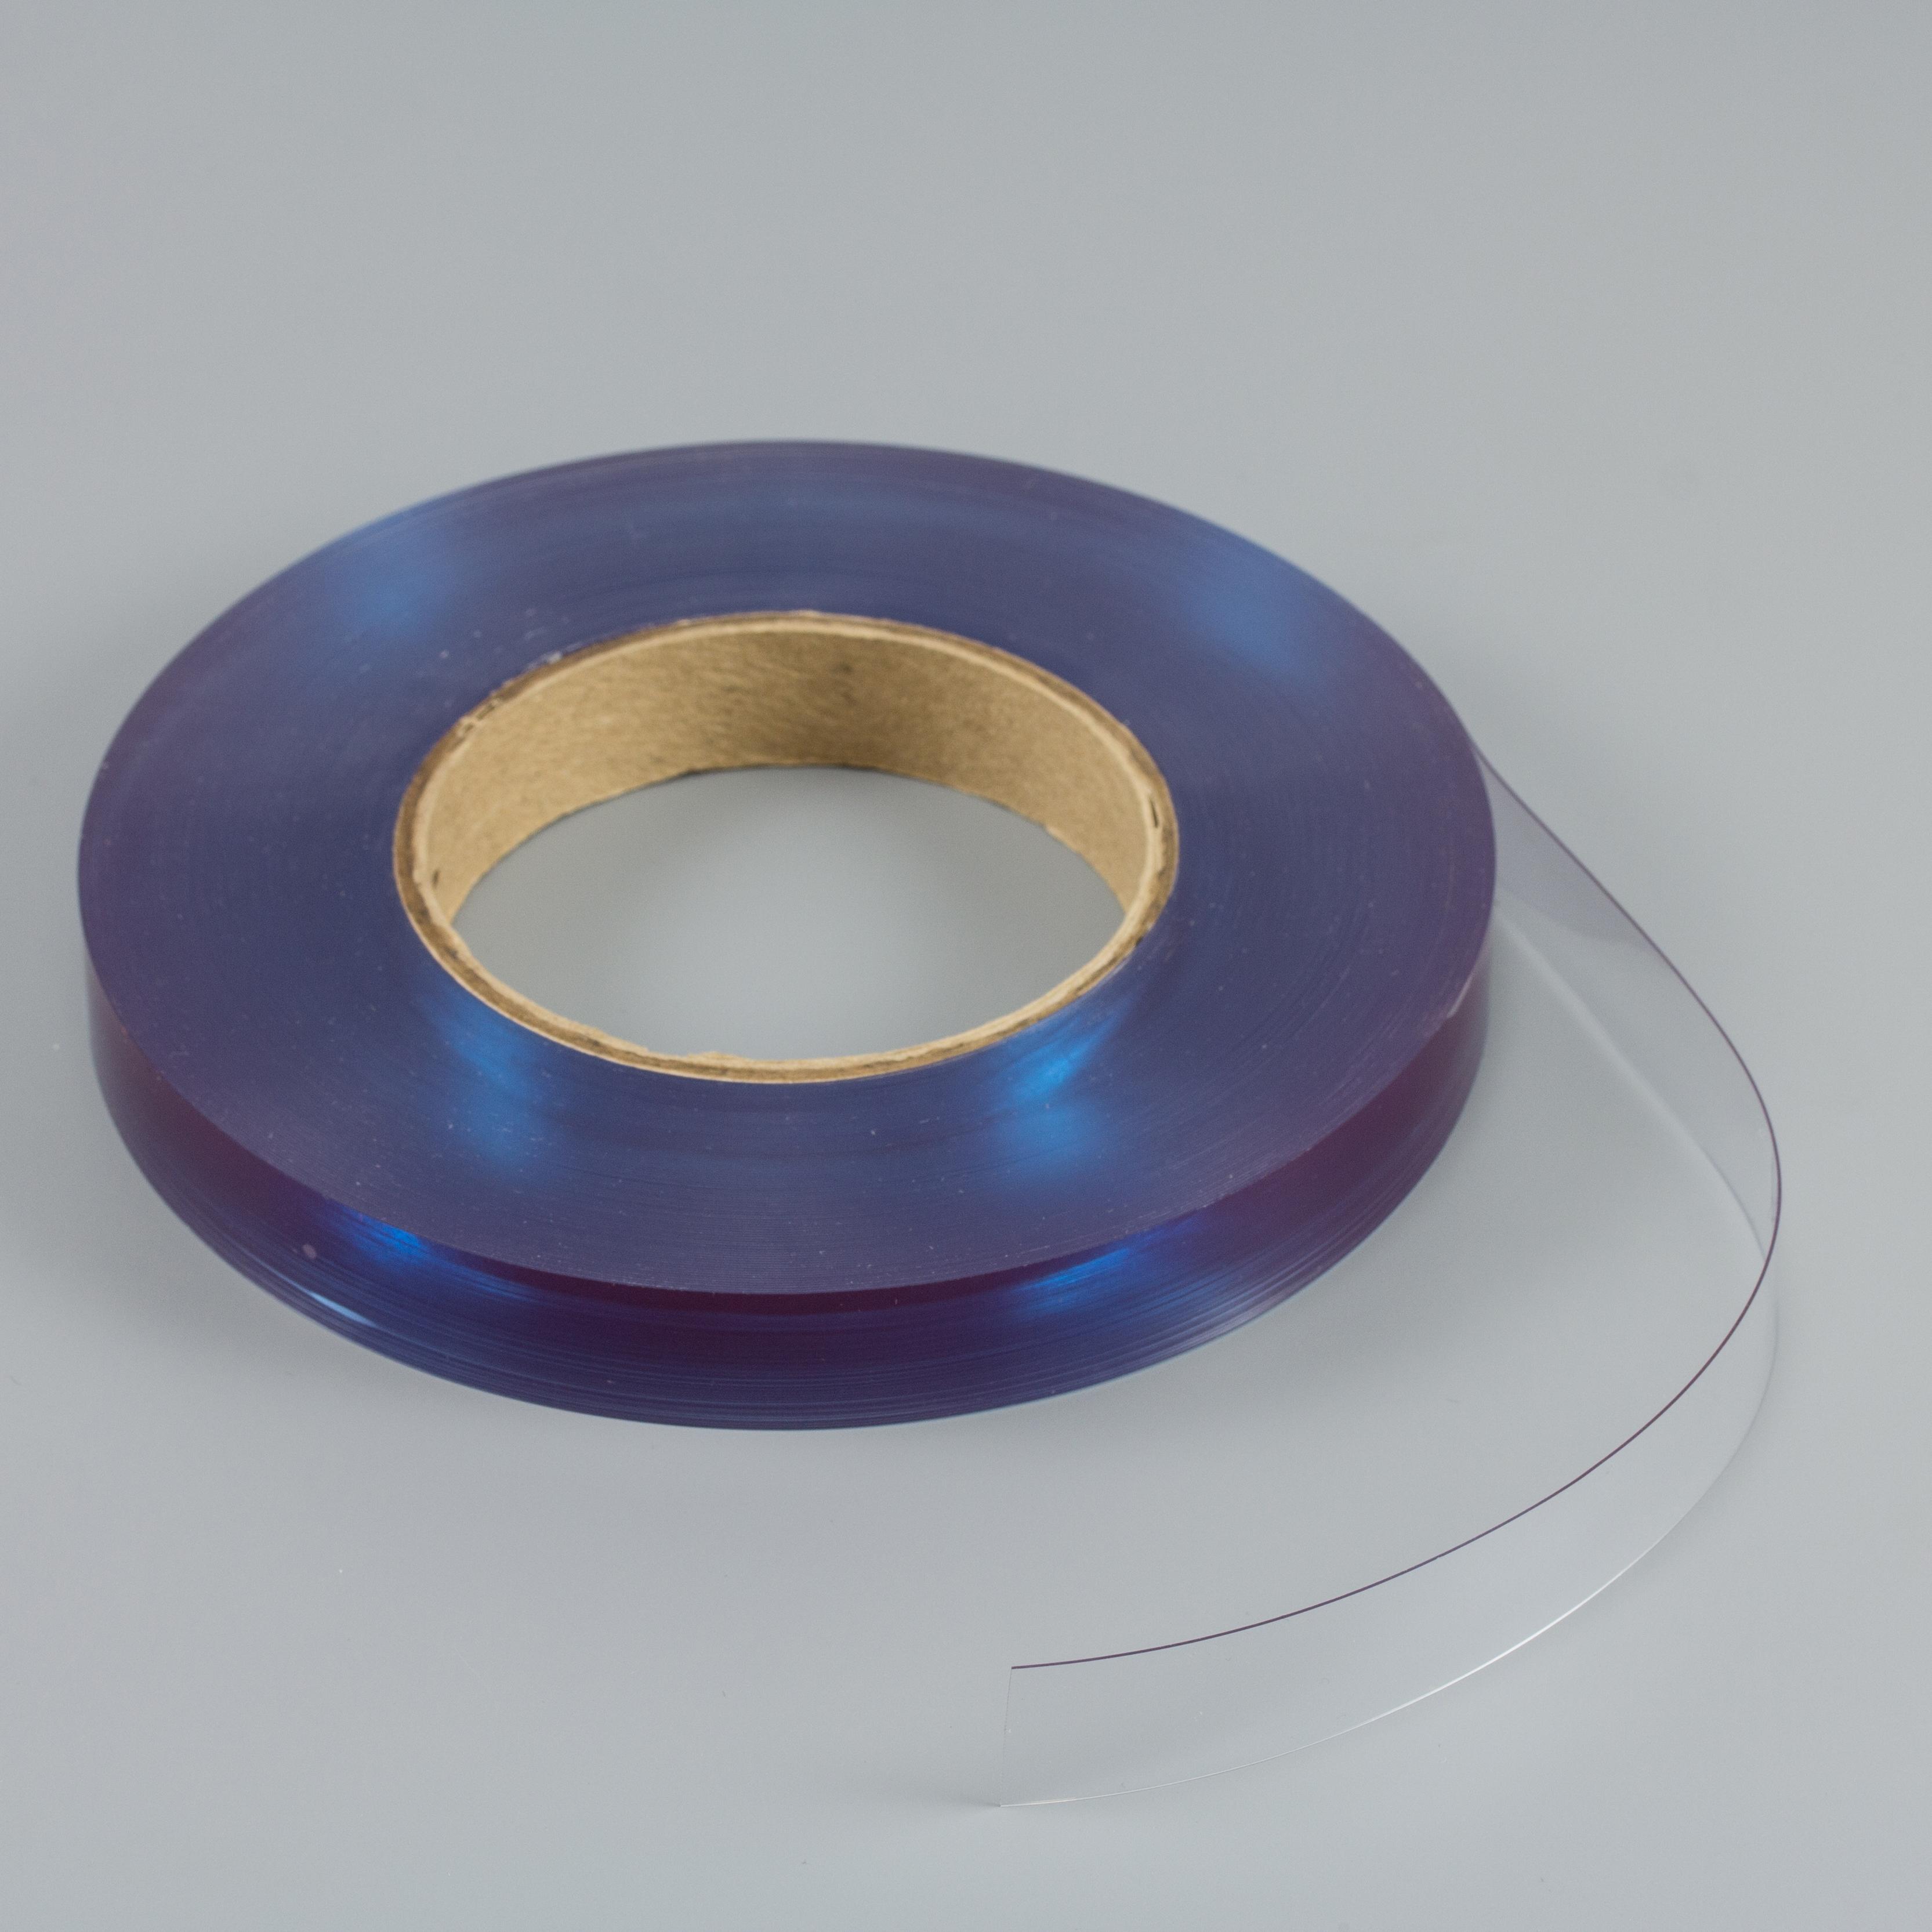 Thumbnail Image for Vinyl Welding Tape 3